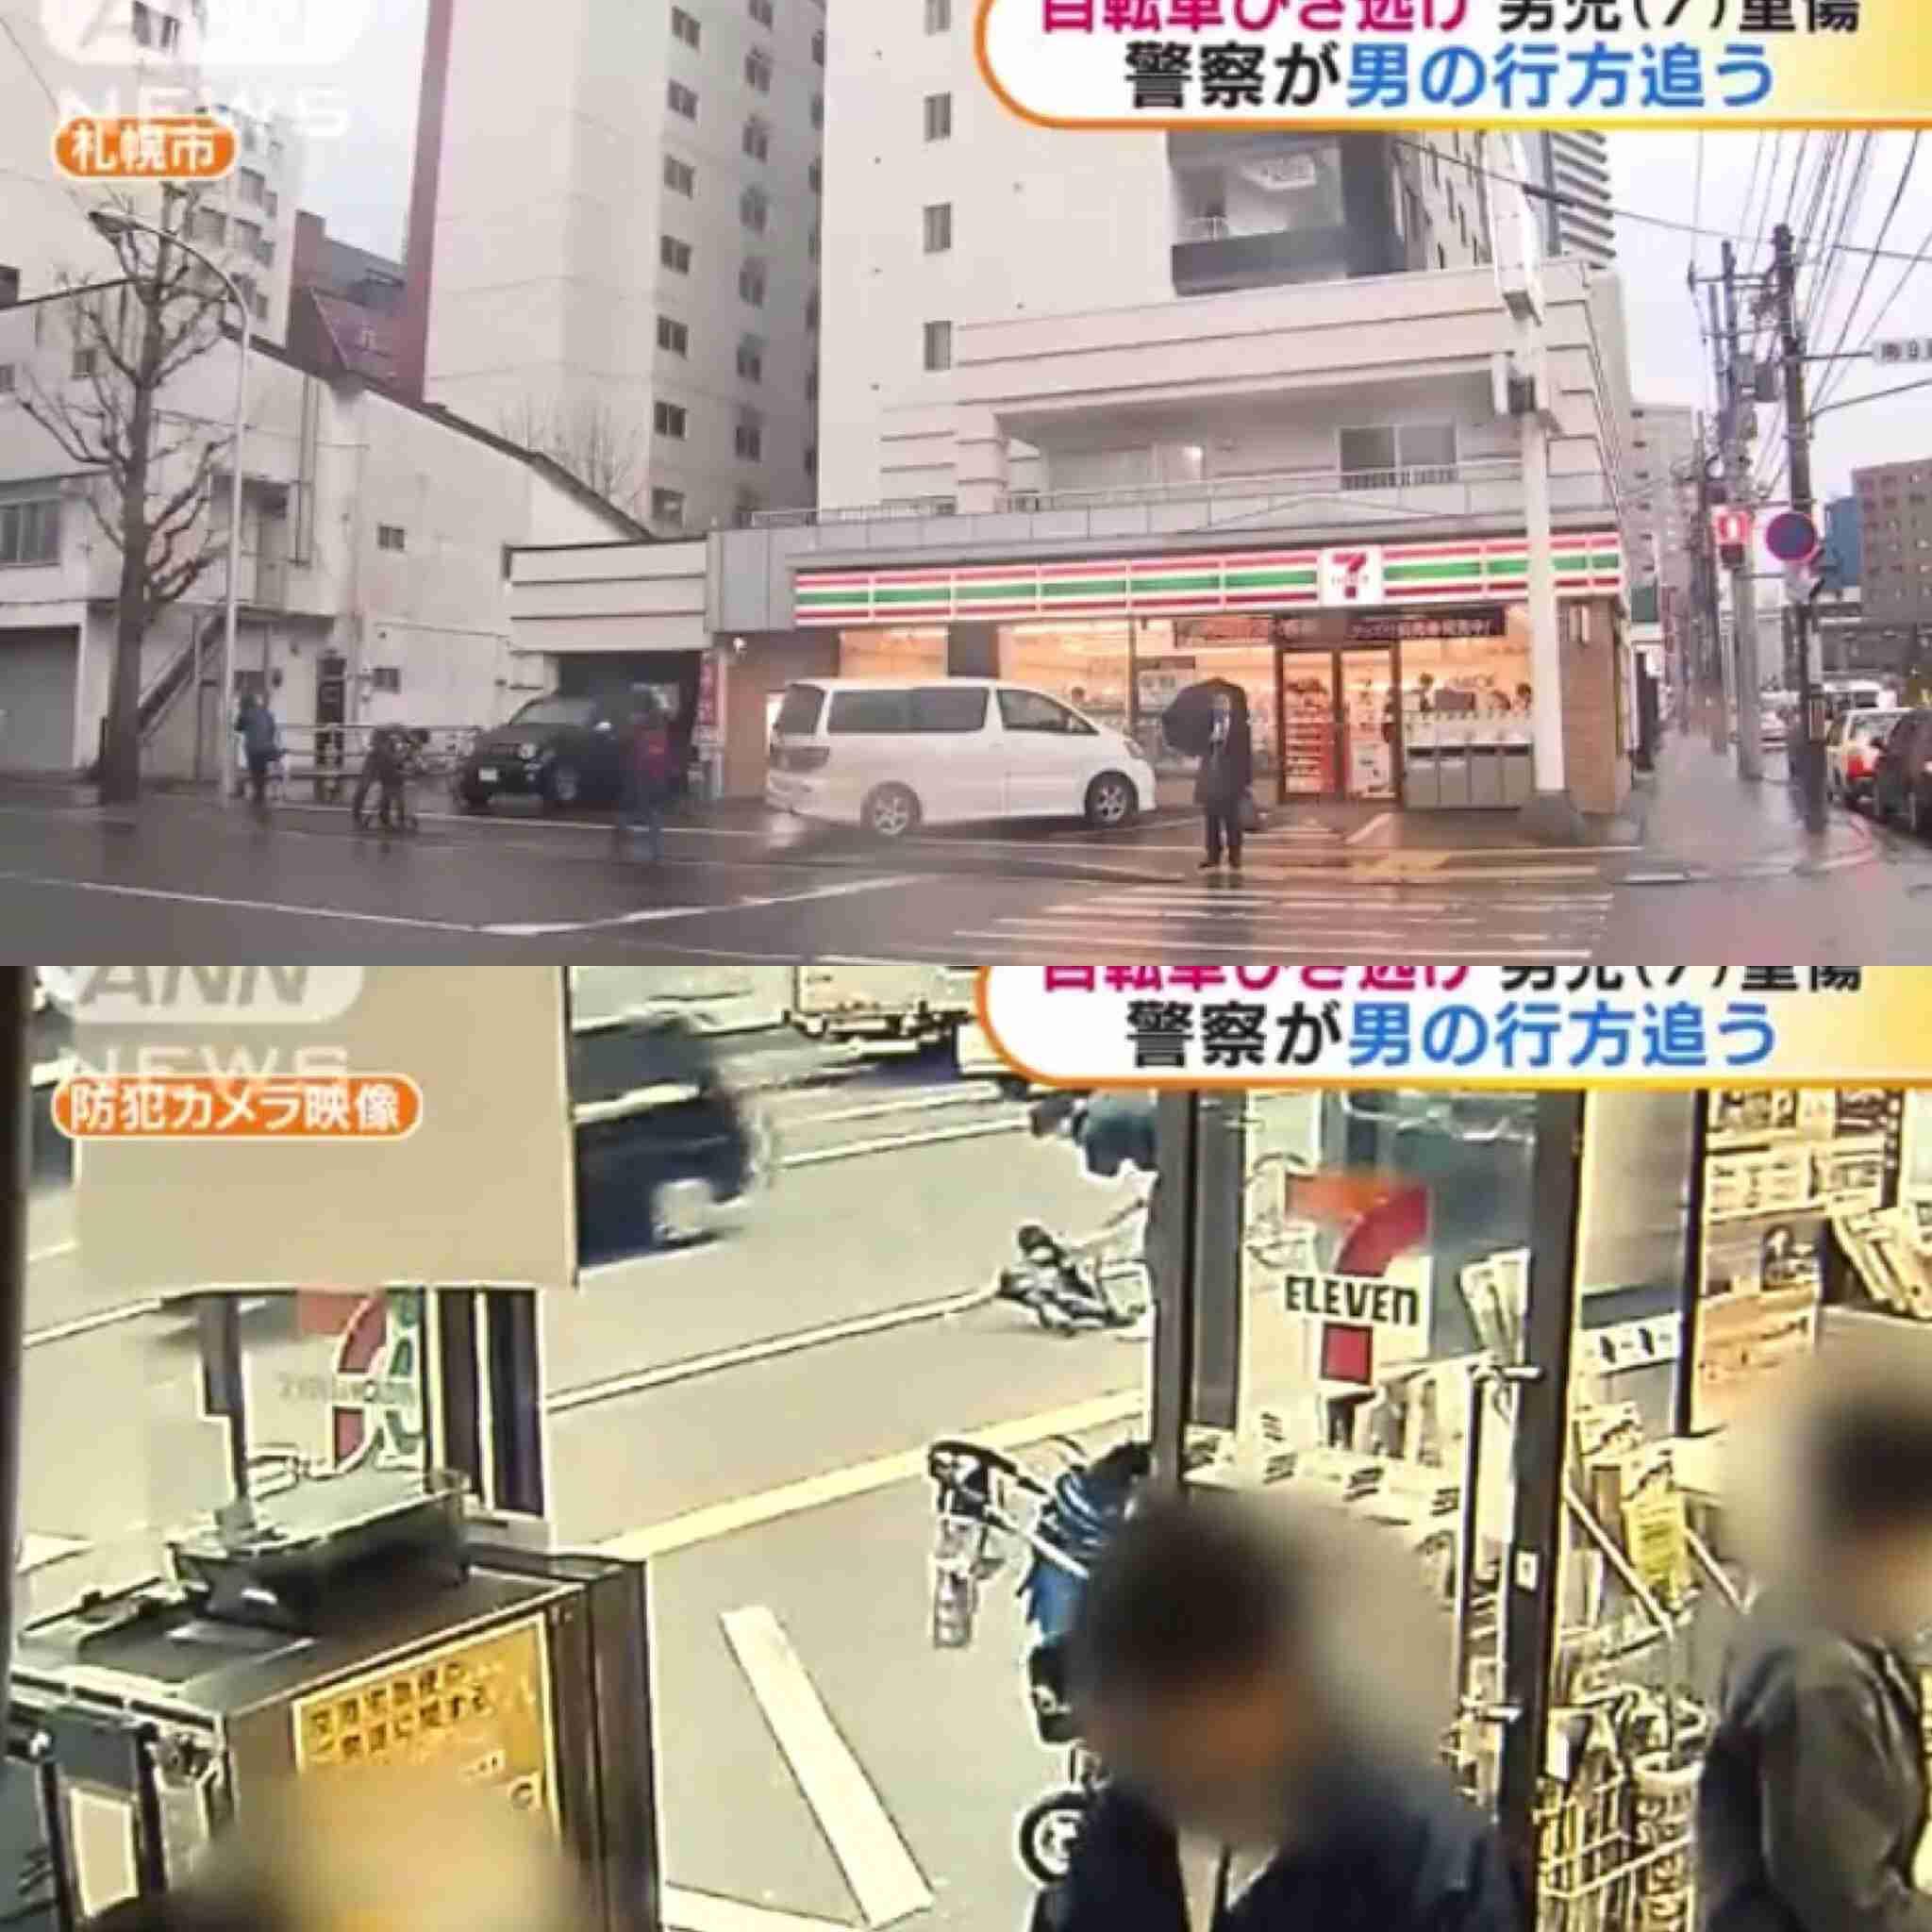 自転車でひき逃げ 7歳男児が重傷 札幌市